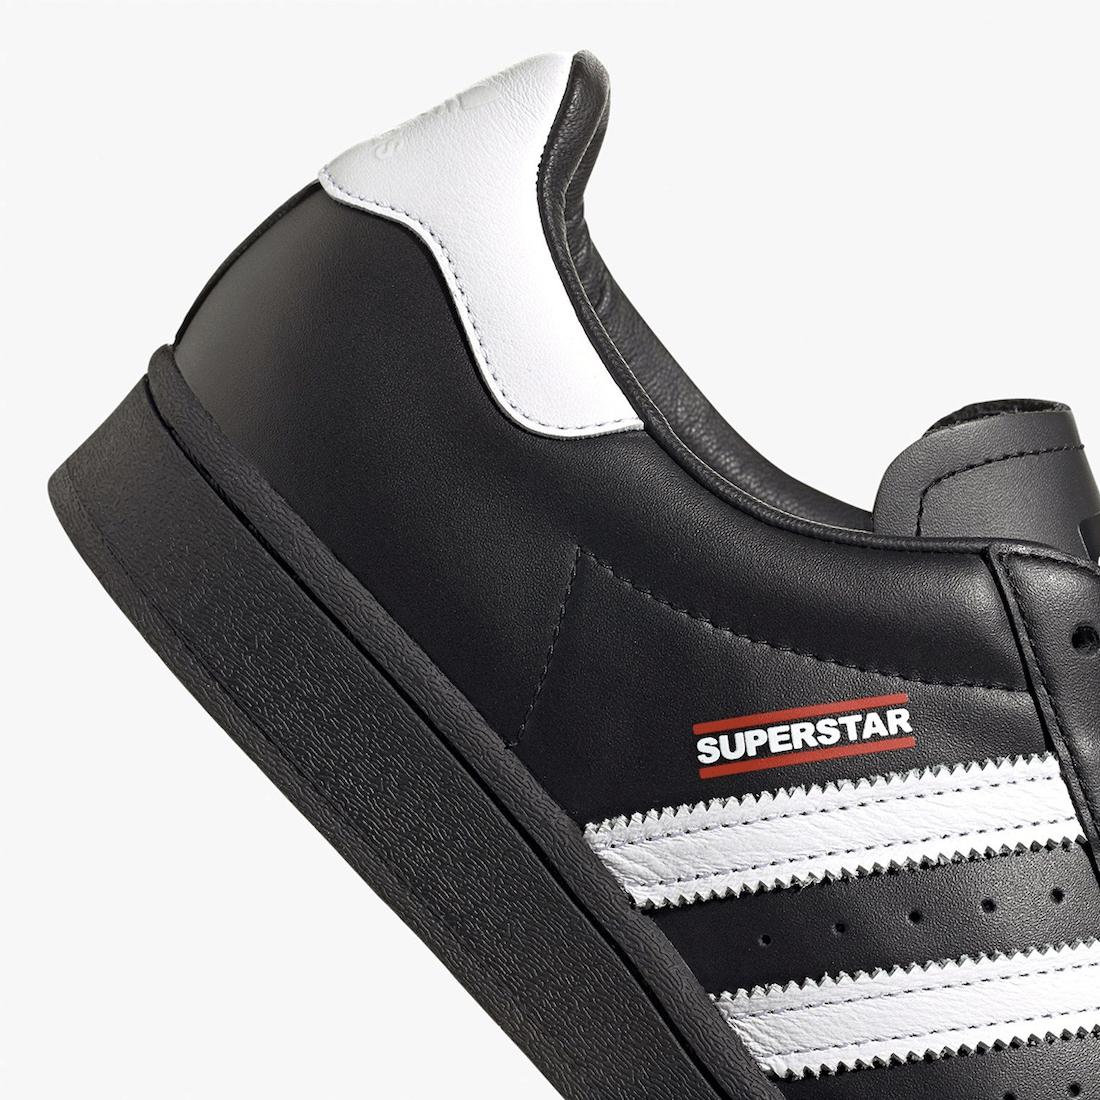 Run DMC adidas Superstar Jam Master Jay FX7617 Release Date Info